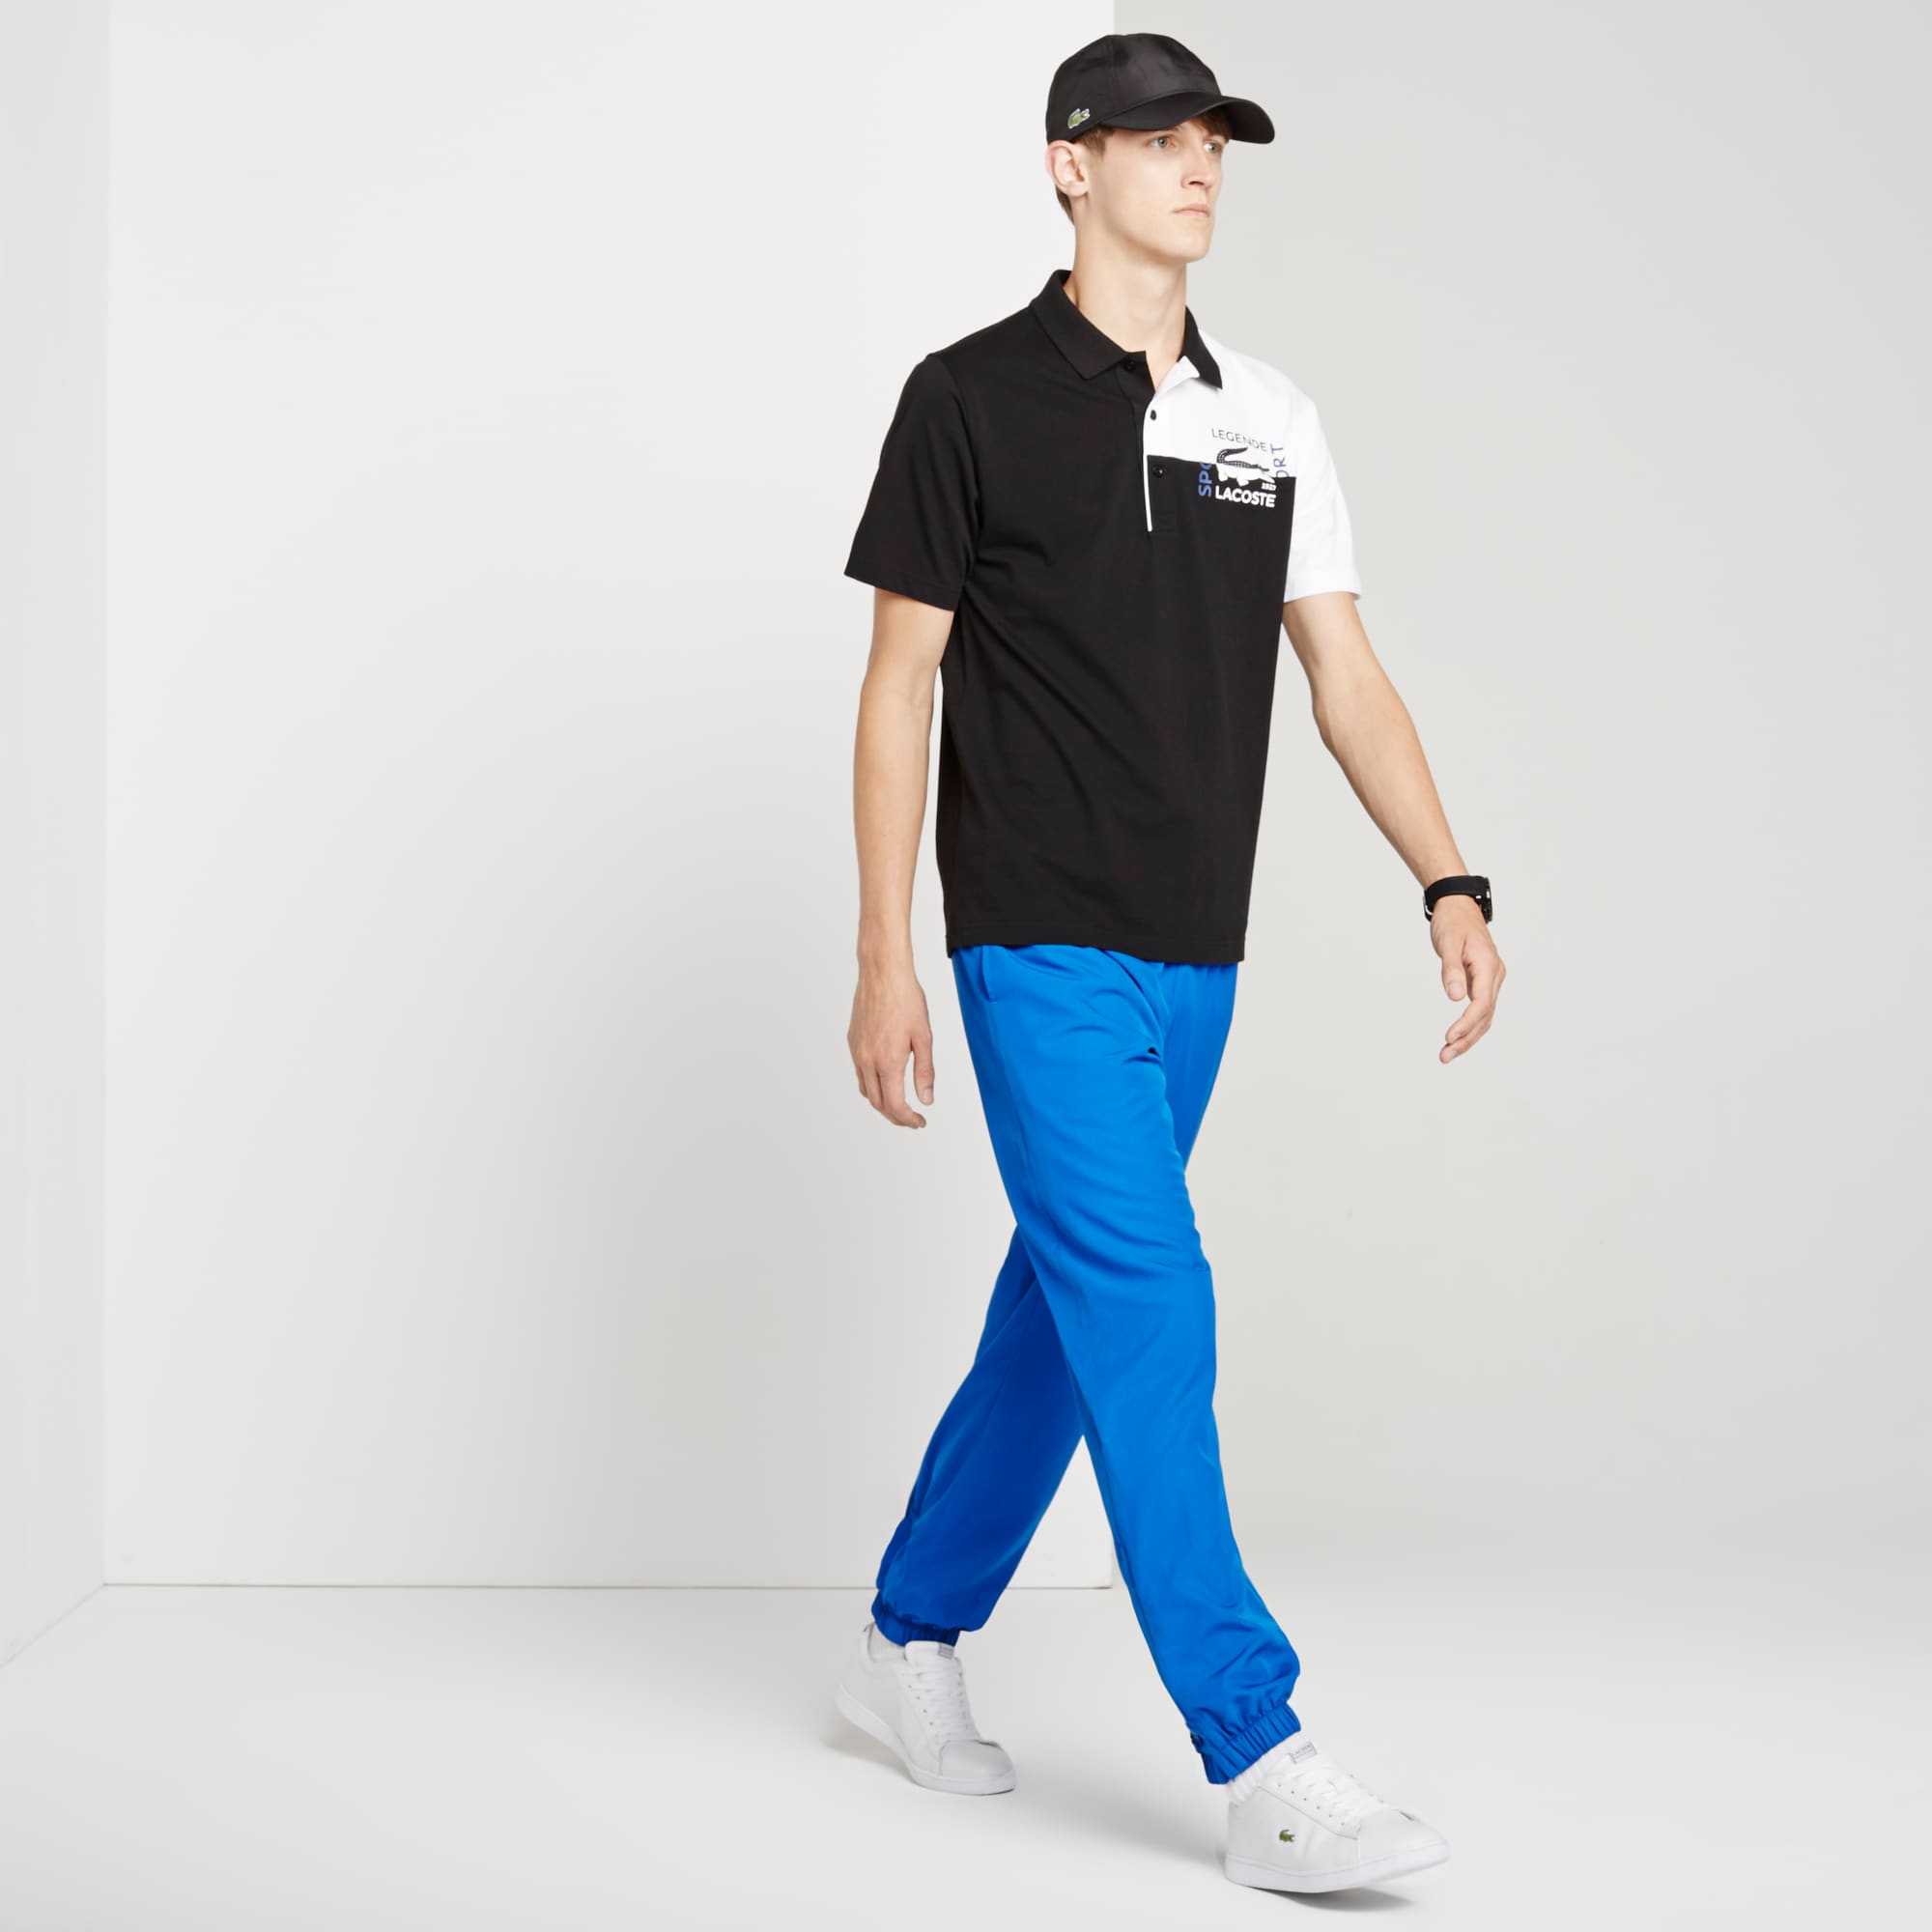 Pantalones de chándal Lacoste SPORT de sólido tafetán con tejido de rombos